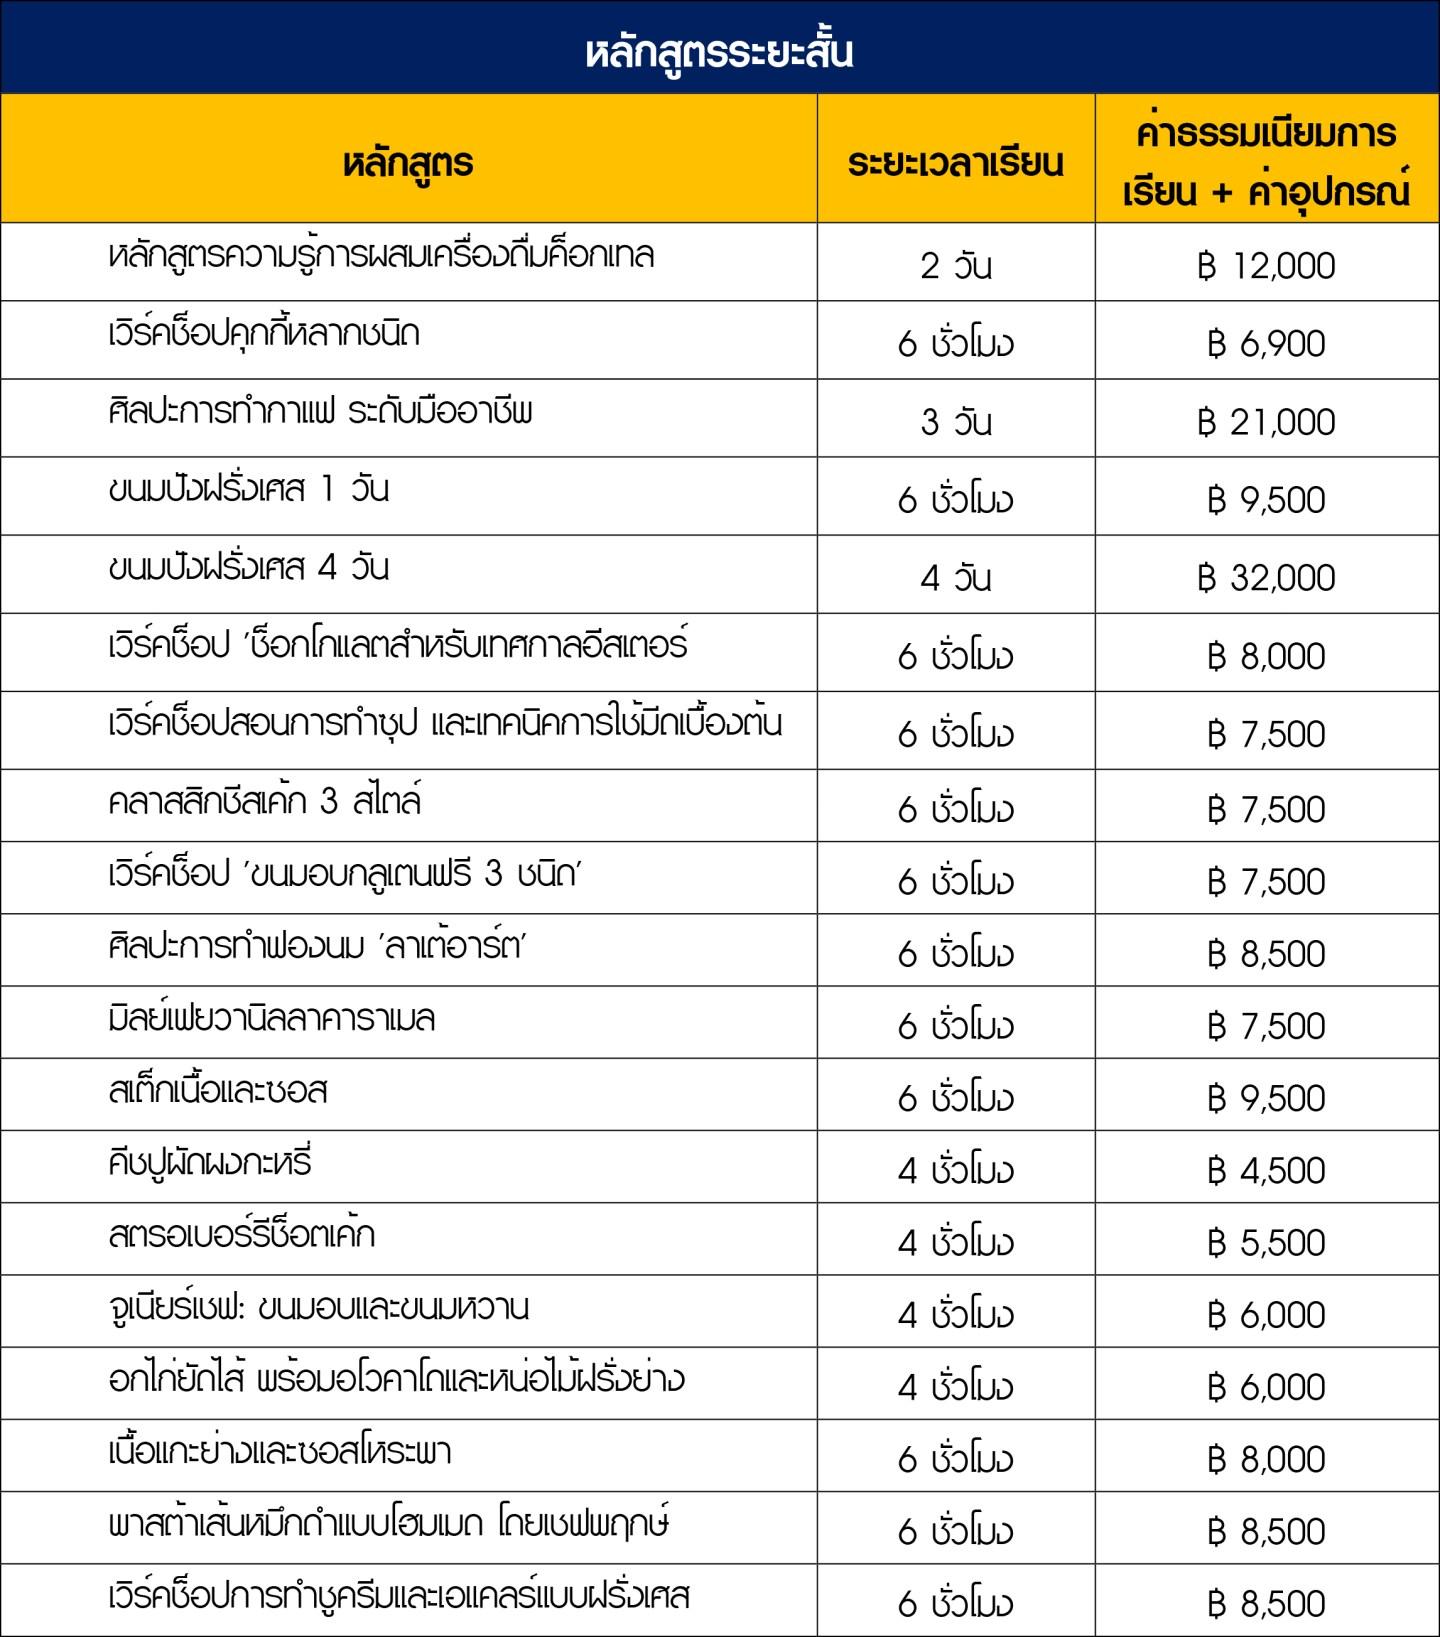 หลักสูตร และค่าใช้จ่าย-1.jpg